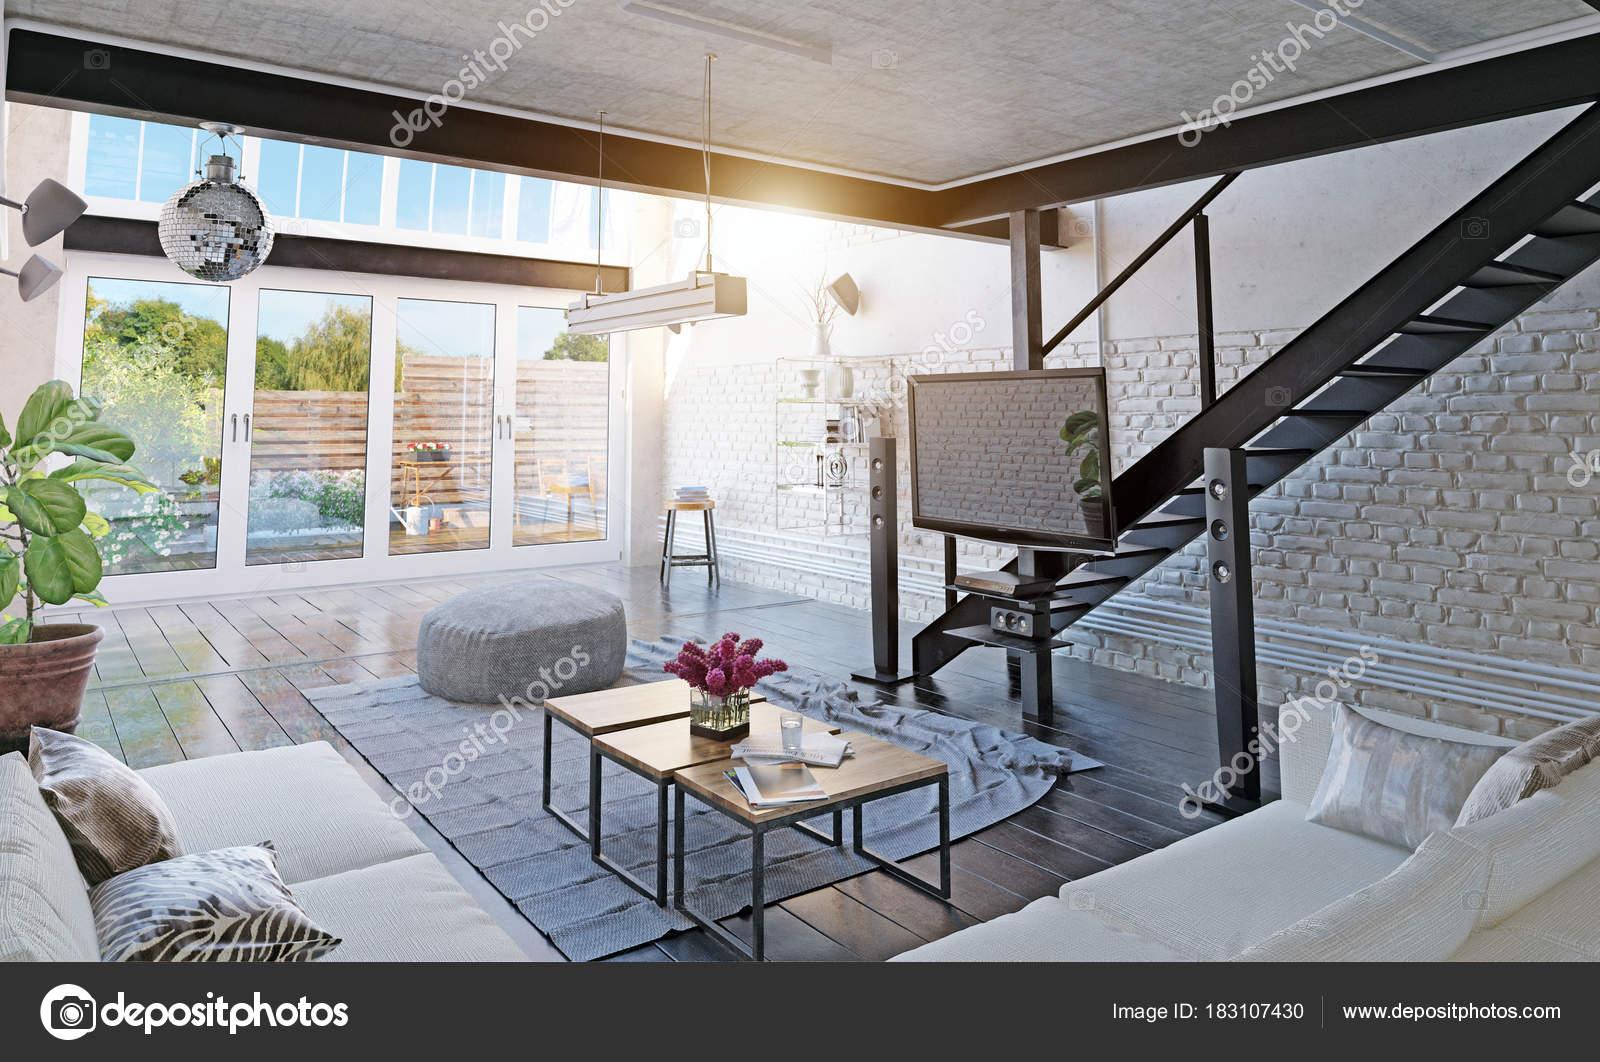 Modernes Loft Wohnzimmer Interieur — Stockfoto © vicnt2815 #183107430